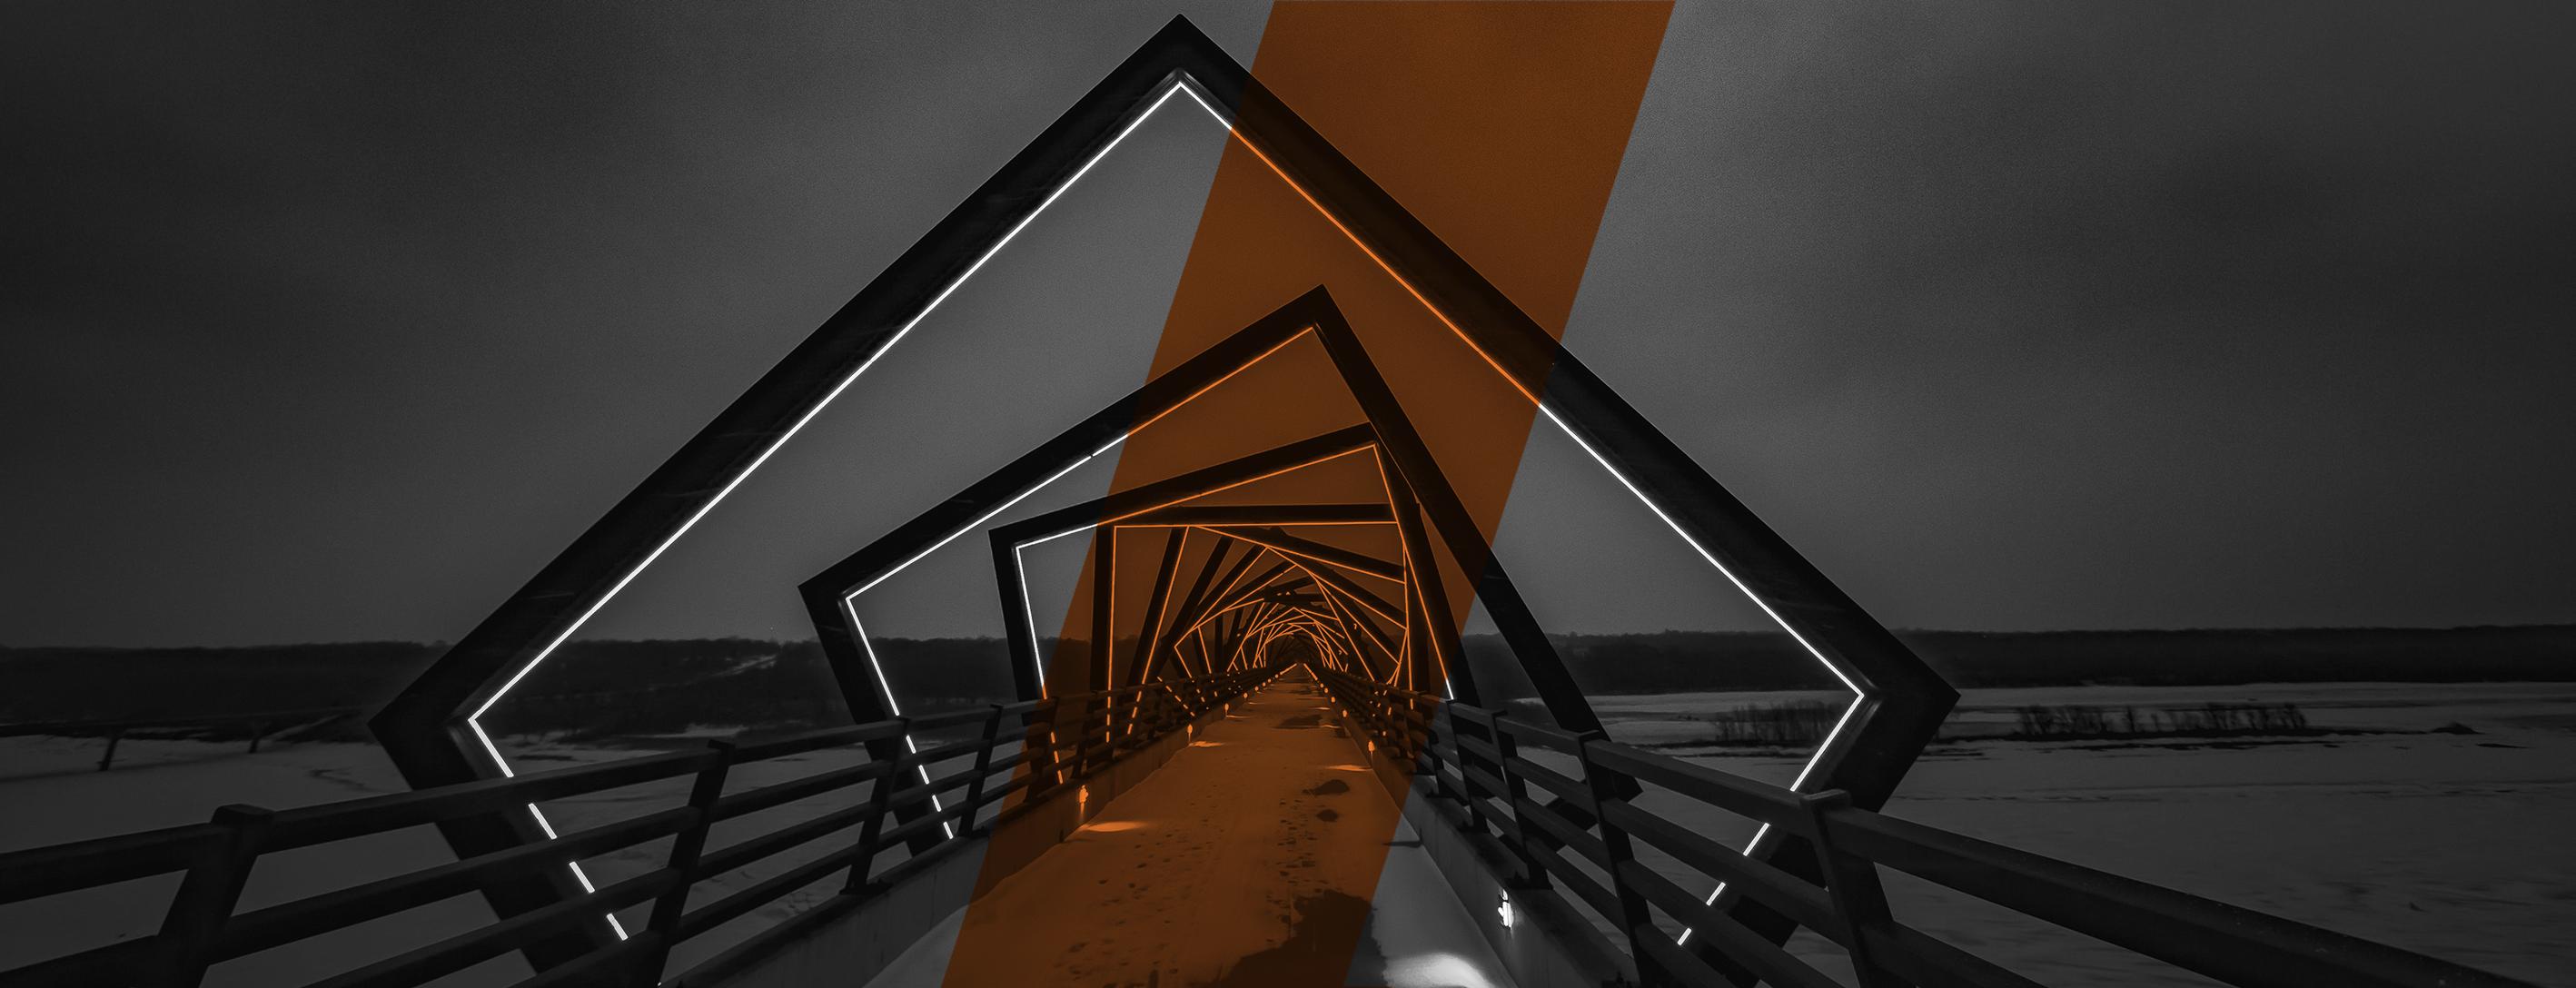 werbung digital, Brücke Installation